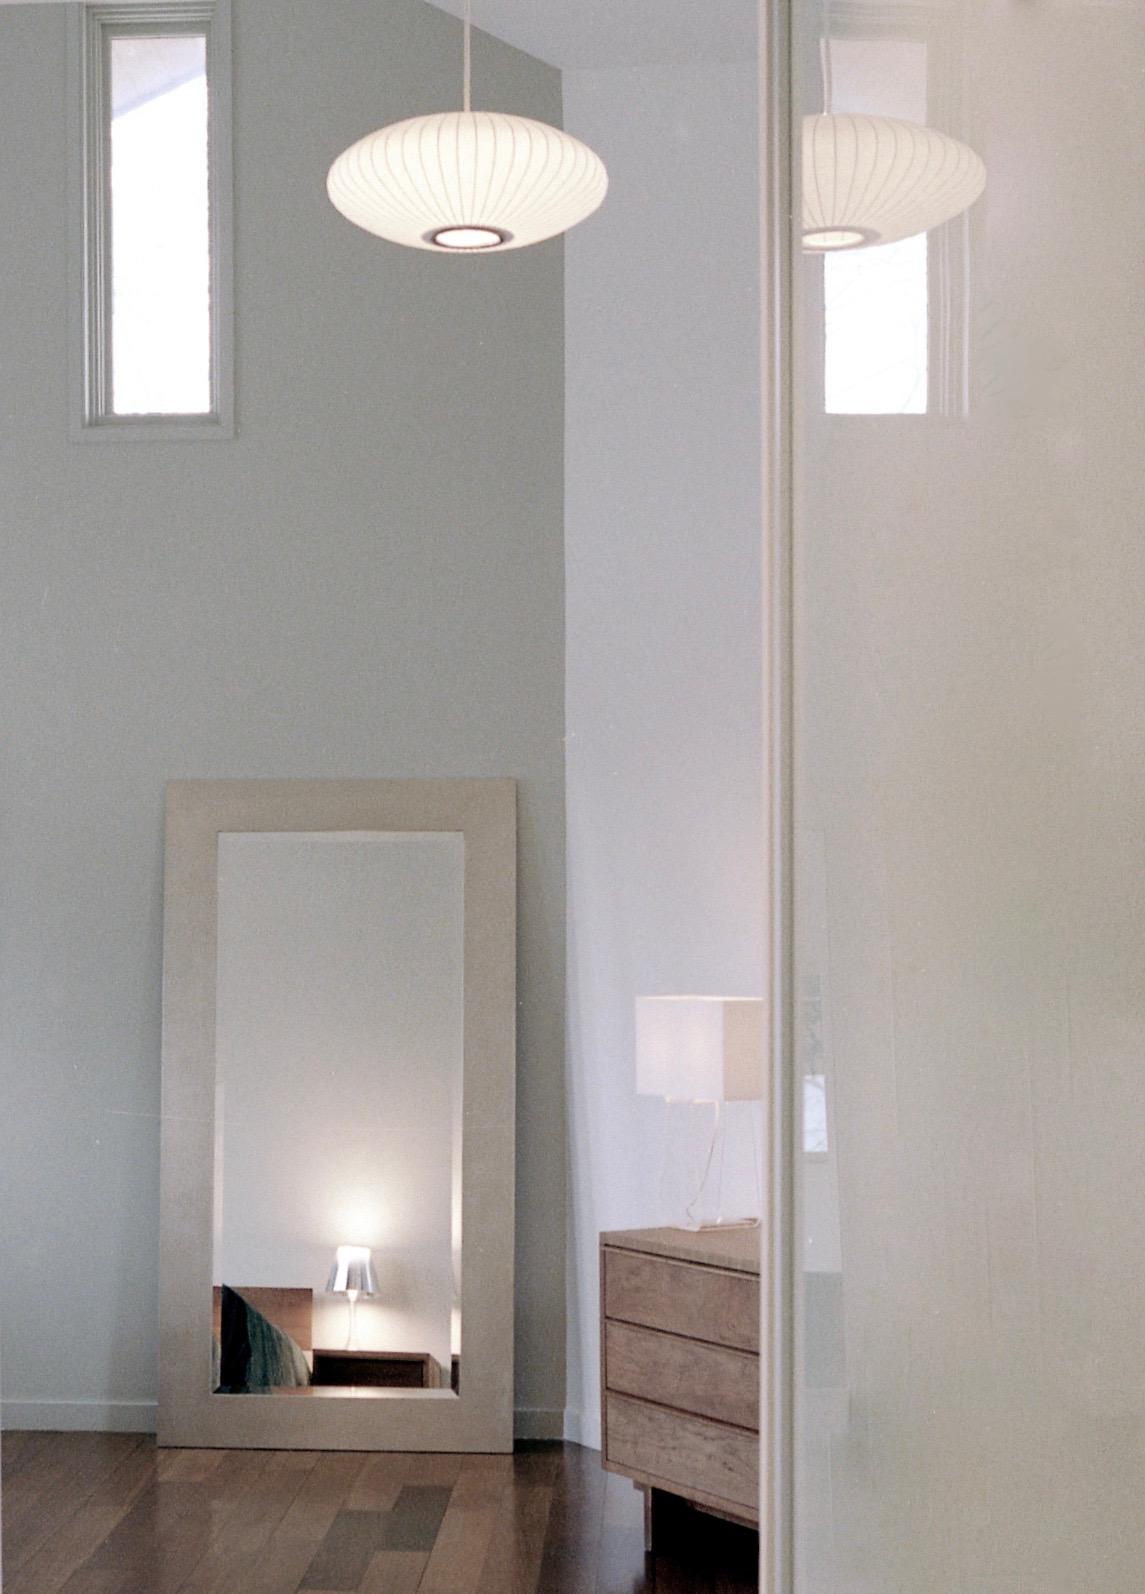 interior1_1.jpeg